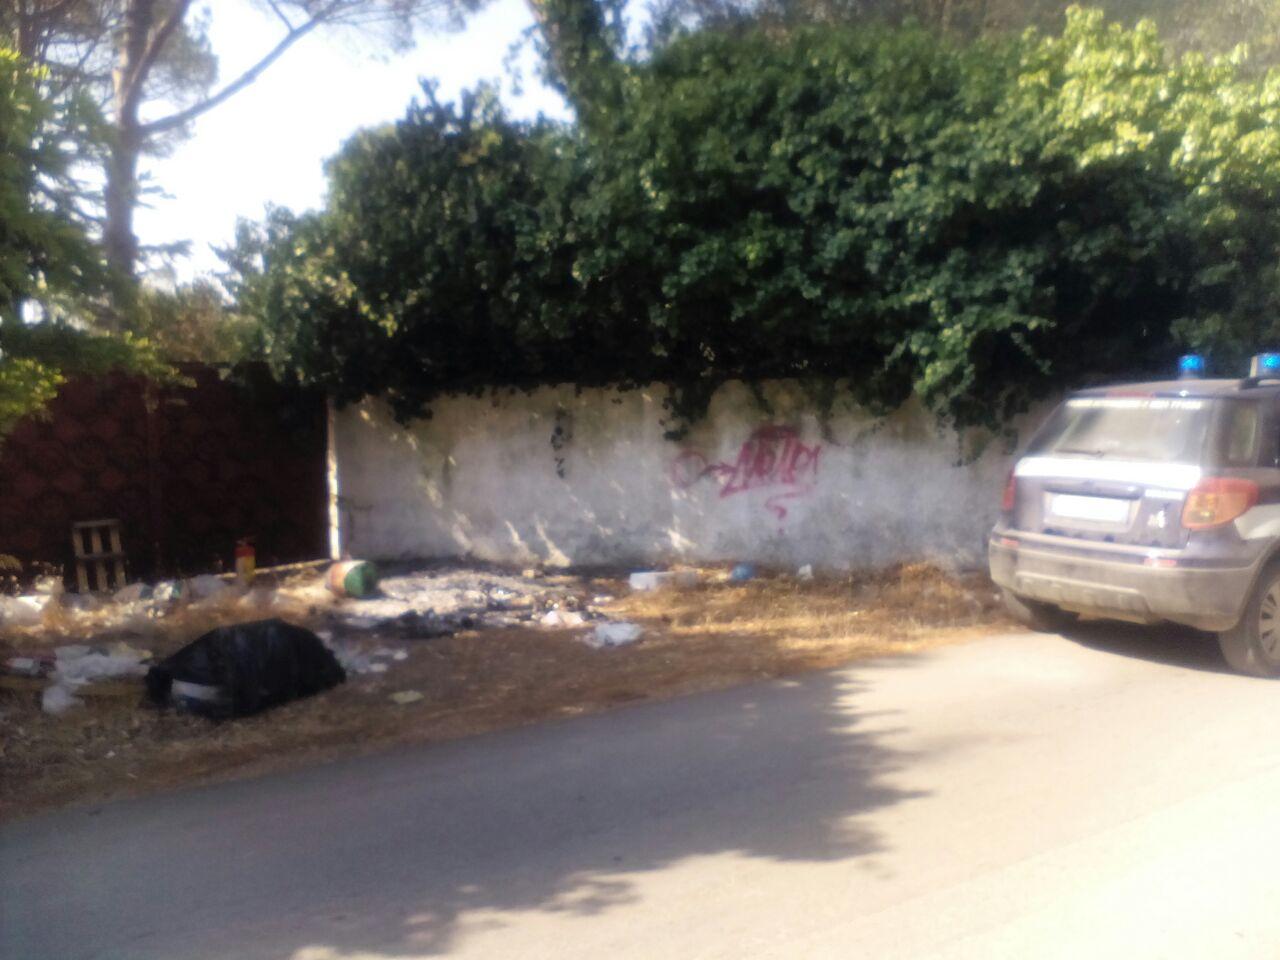 Balordi incendiano spazzatura, Vigili Urbani spengono le fiamme